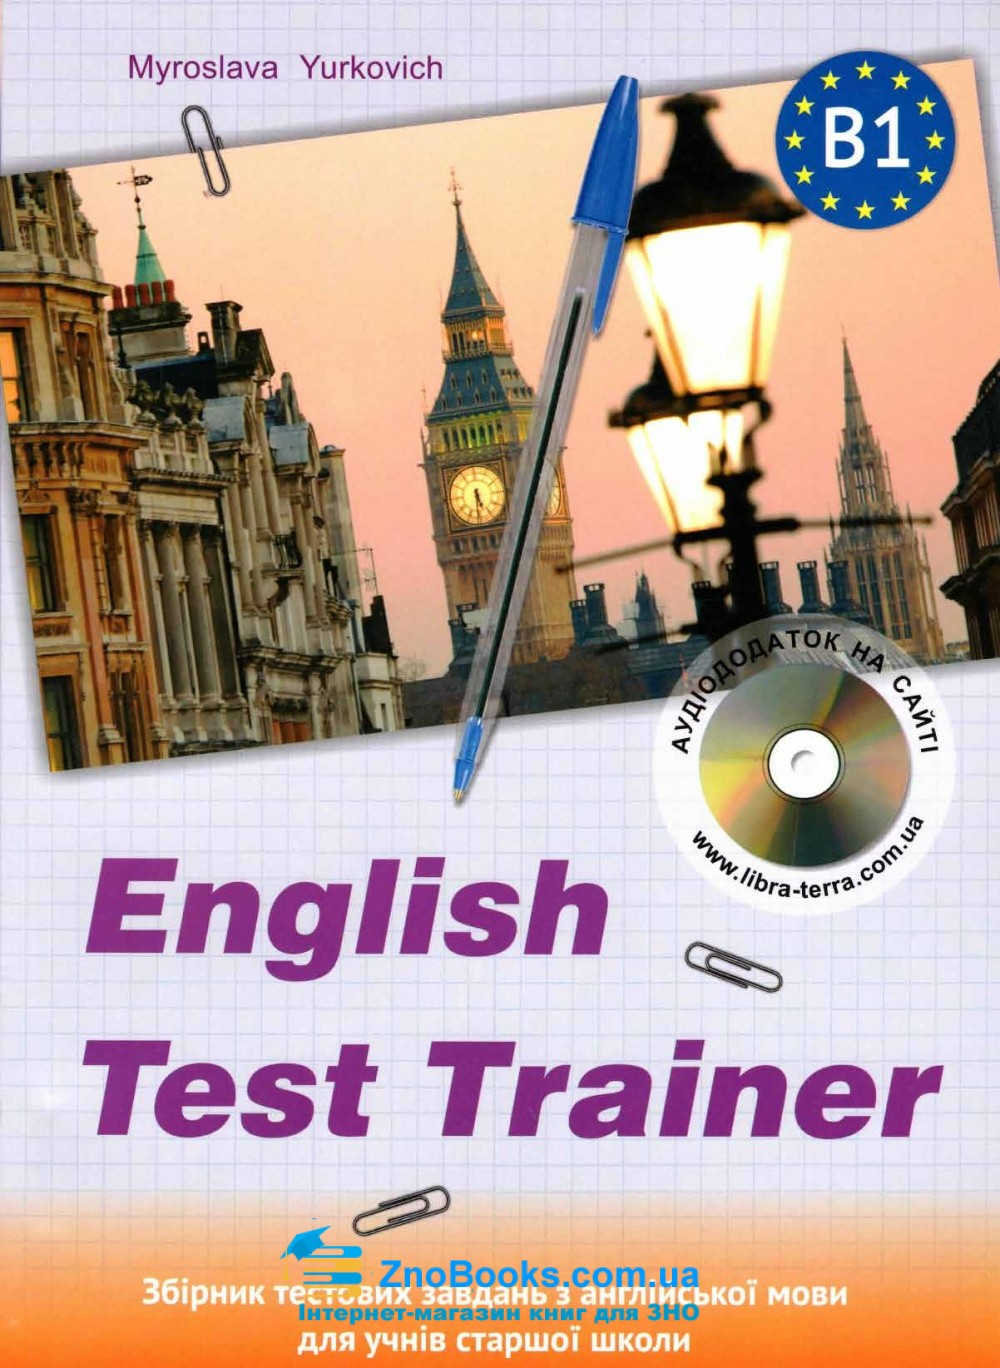 Тренажер для підготовки до ЗНО 2018 з англійської мови  level B1+аудіо (ENGLISH TEST TRAINER).  Авт: Юркович М. Вид-во: Лібра терра. купити 0